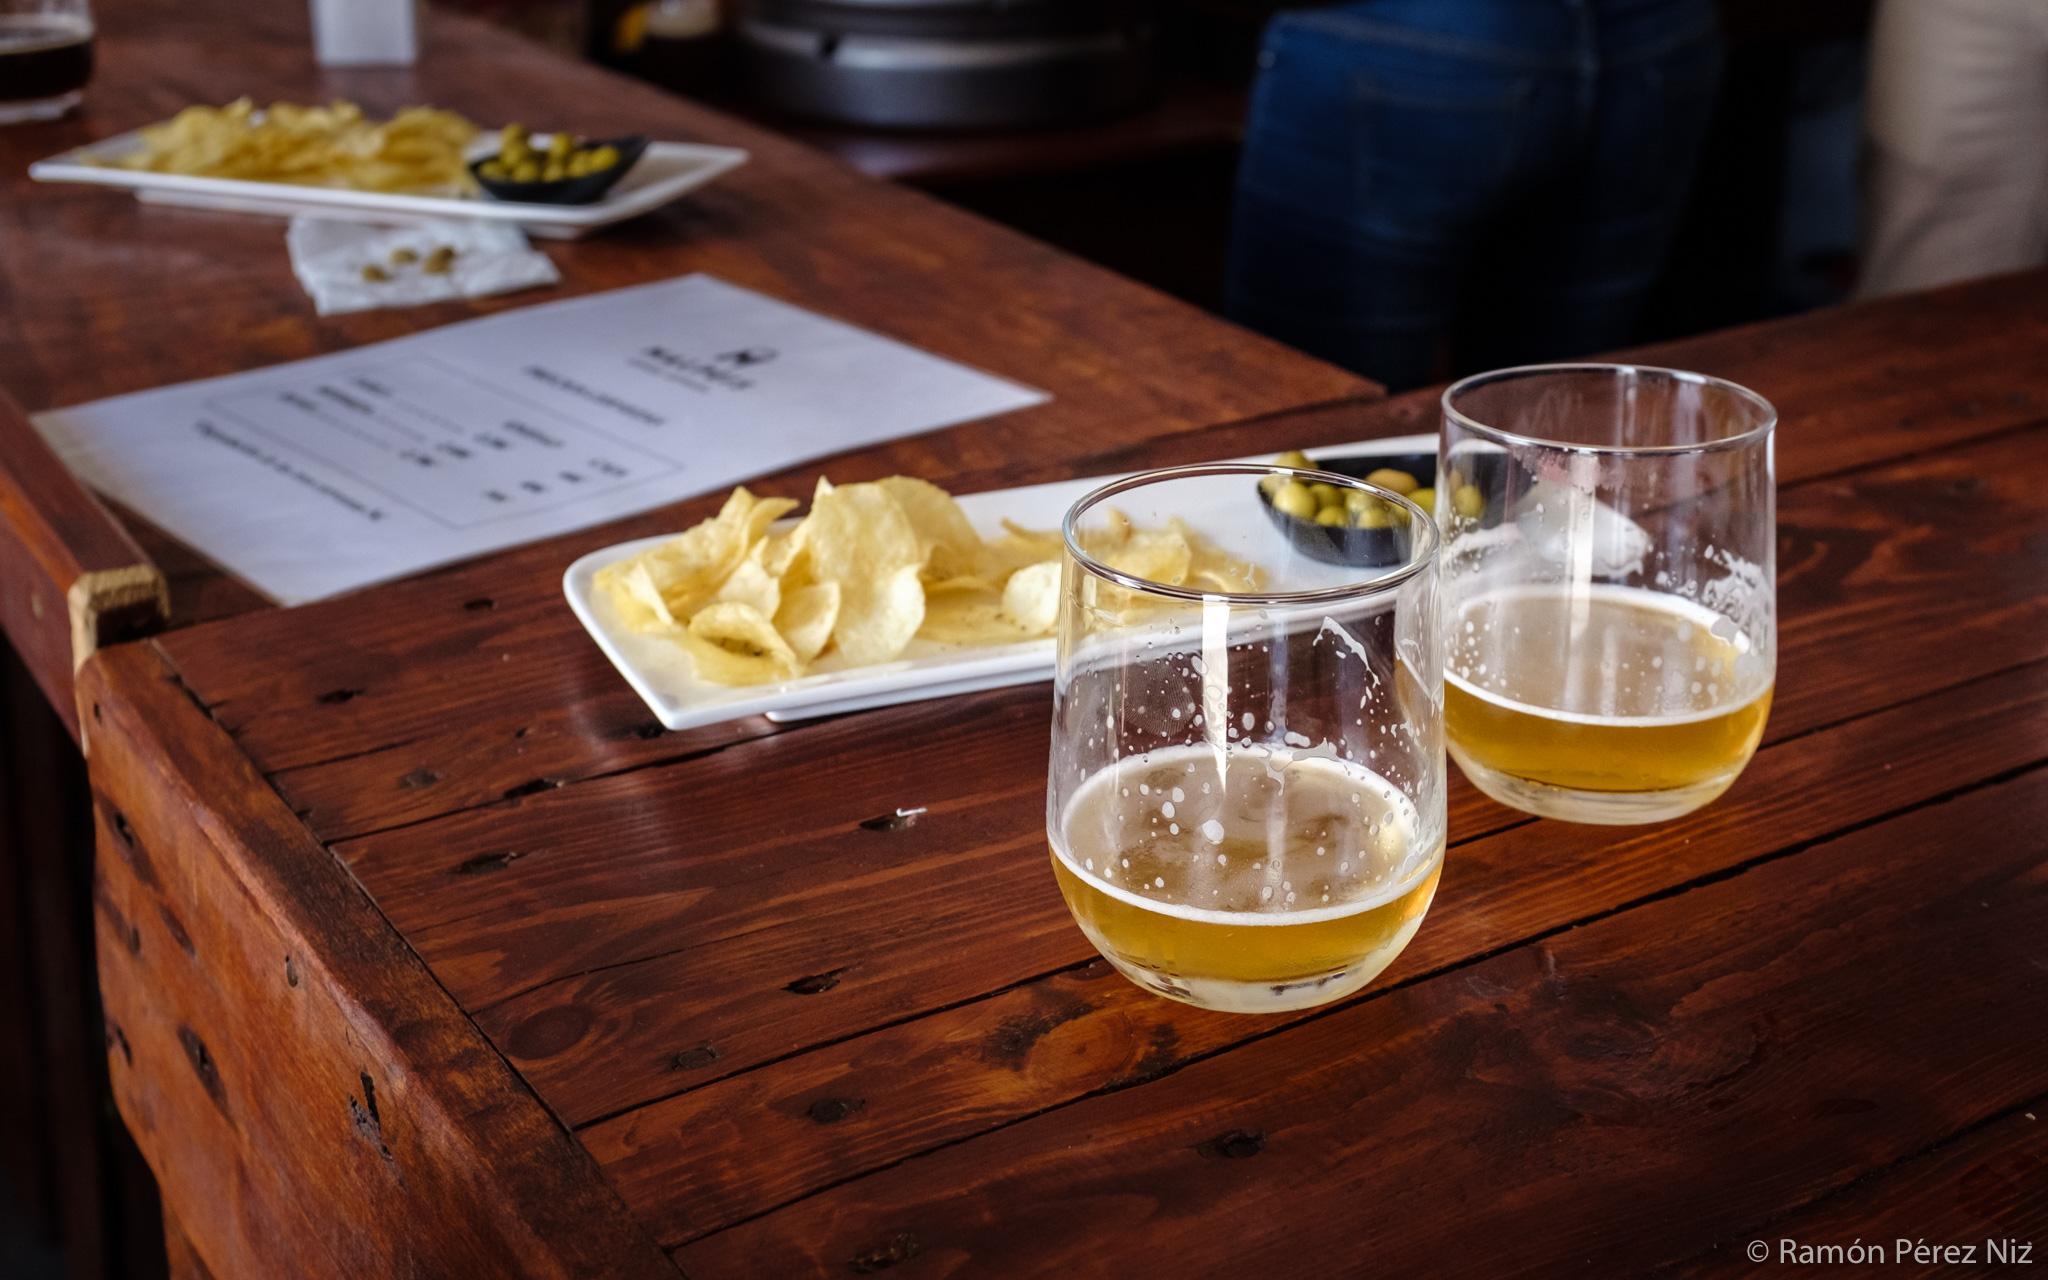 Foto de Ramón Pérez Niz en Cervezas Malpeis